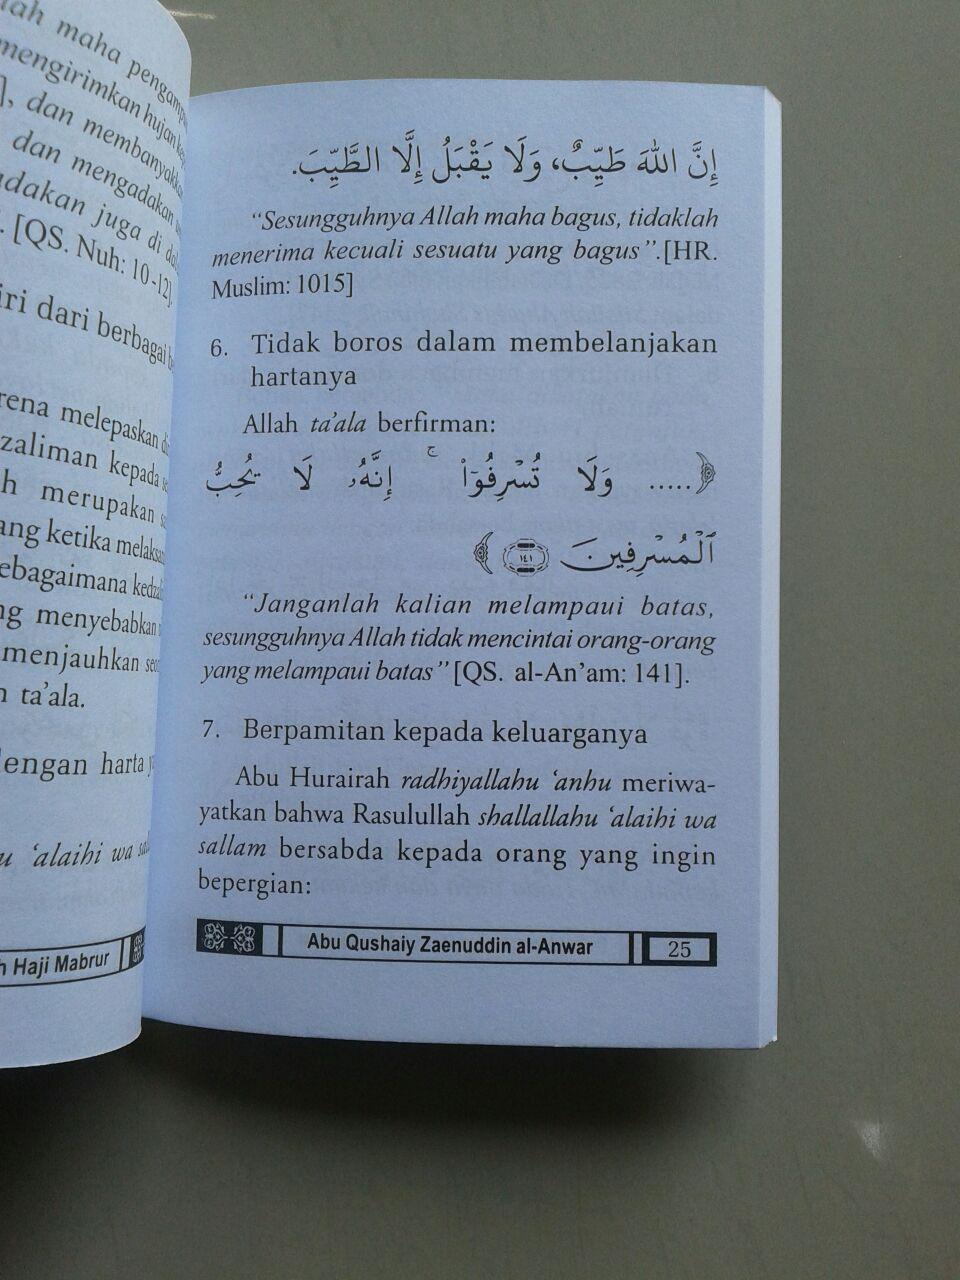 Buku Saku Bekal Umrah & Meraih Haji Mabrur isi 2